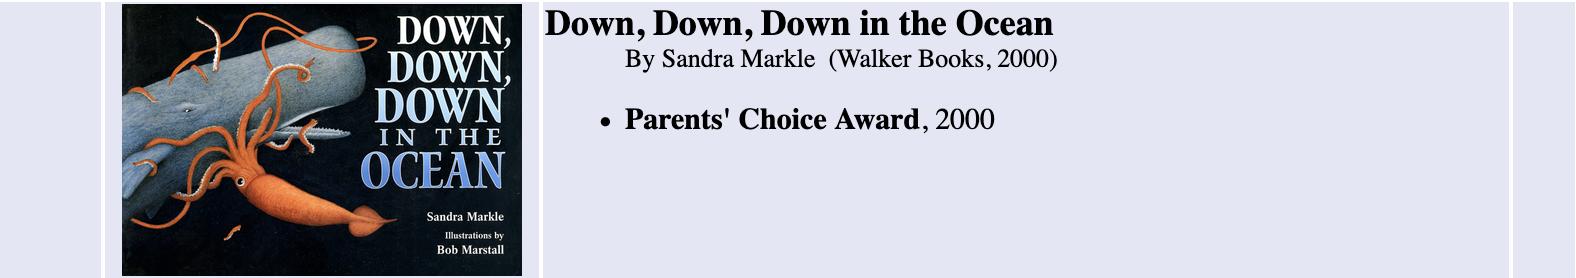 DDD Award.png